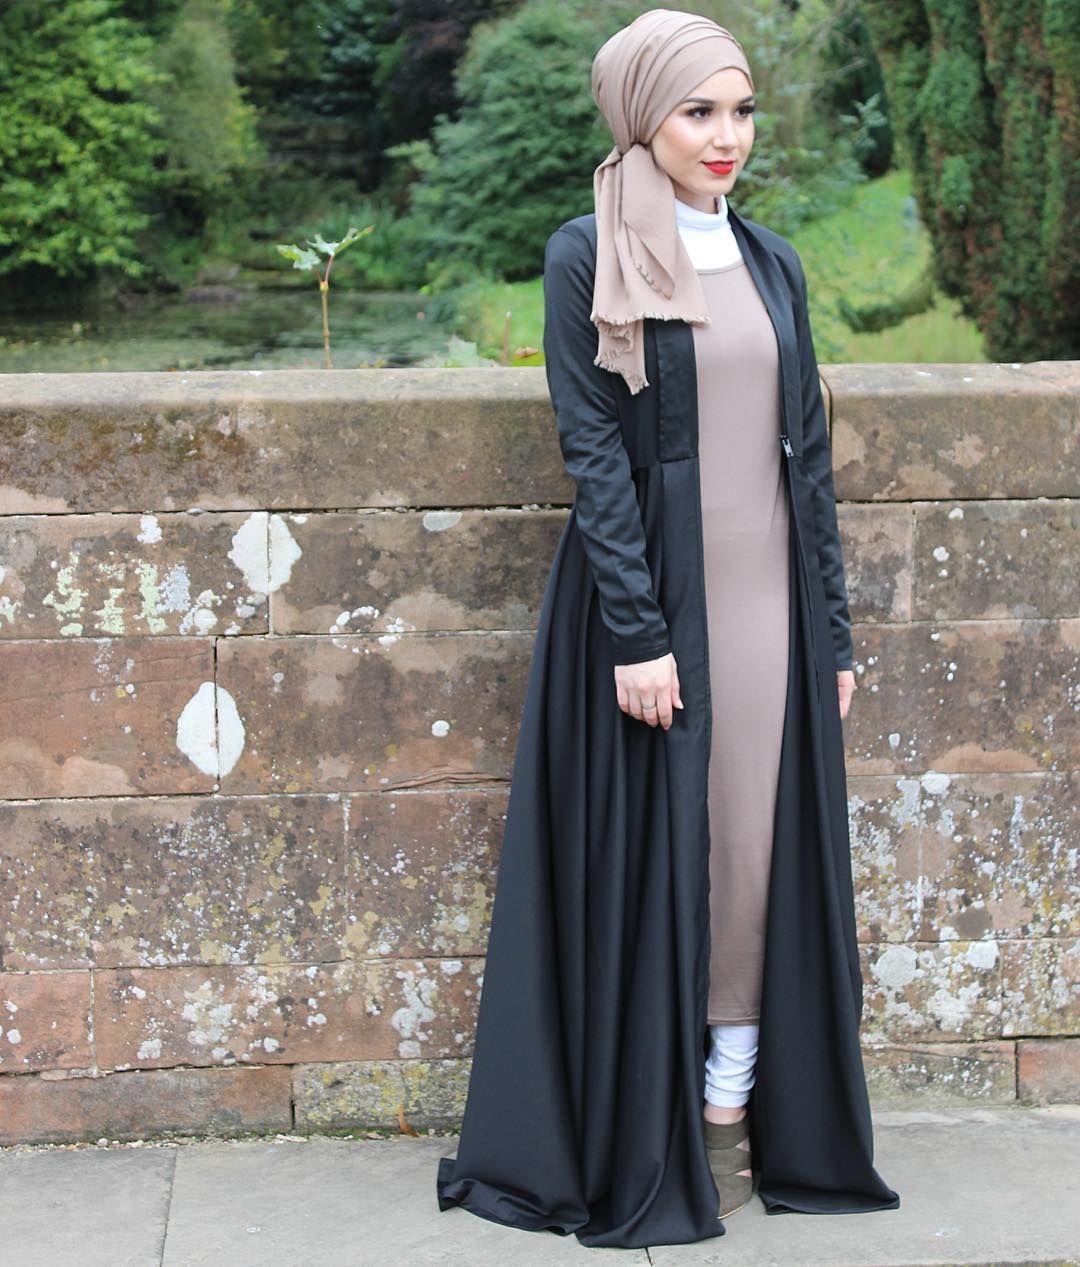 Abaya modern hijab style hijab pinterest modern hijab Fashion style hijab modern